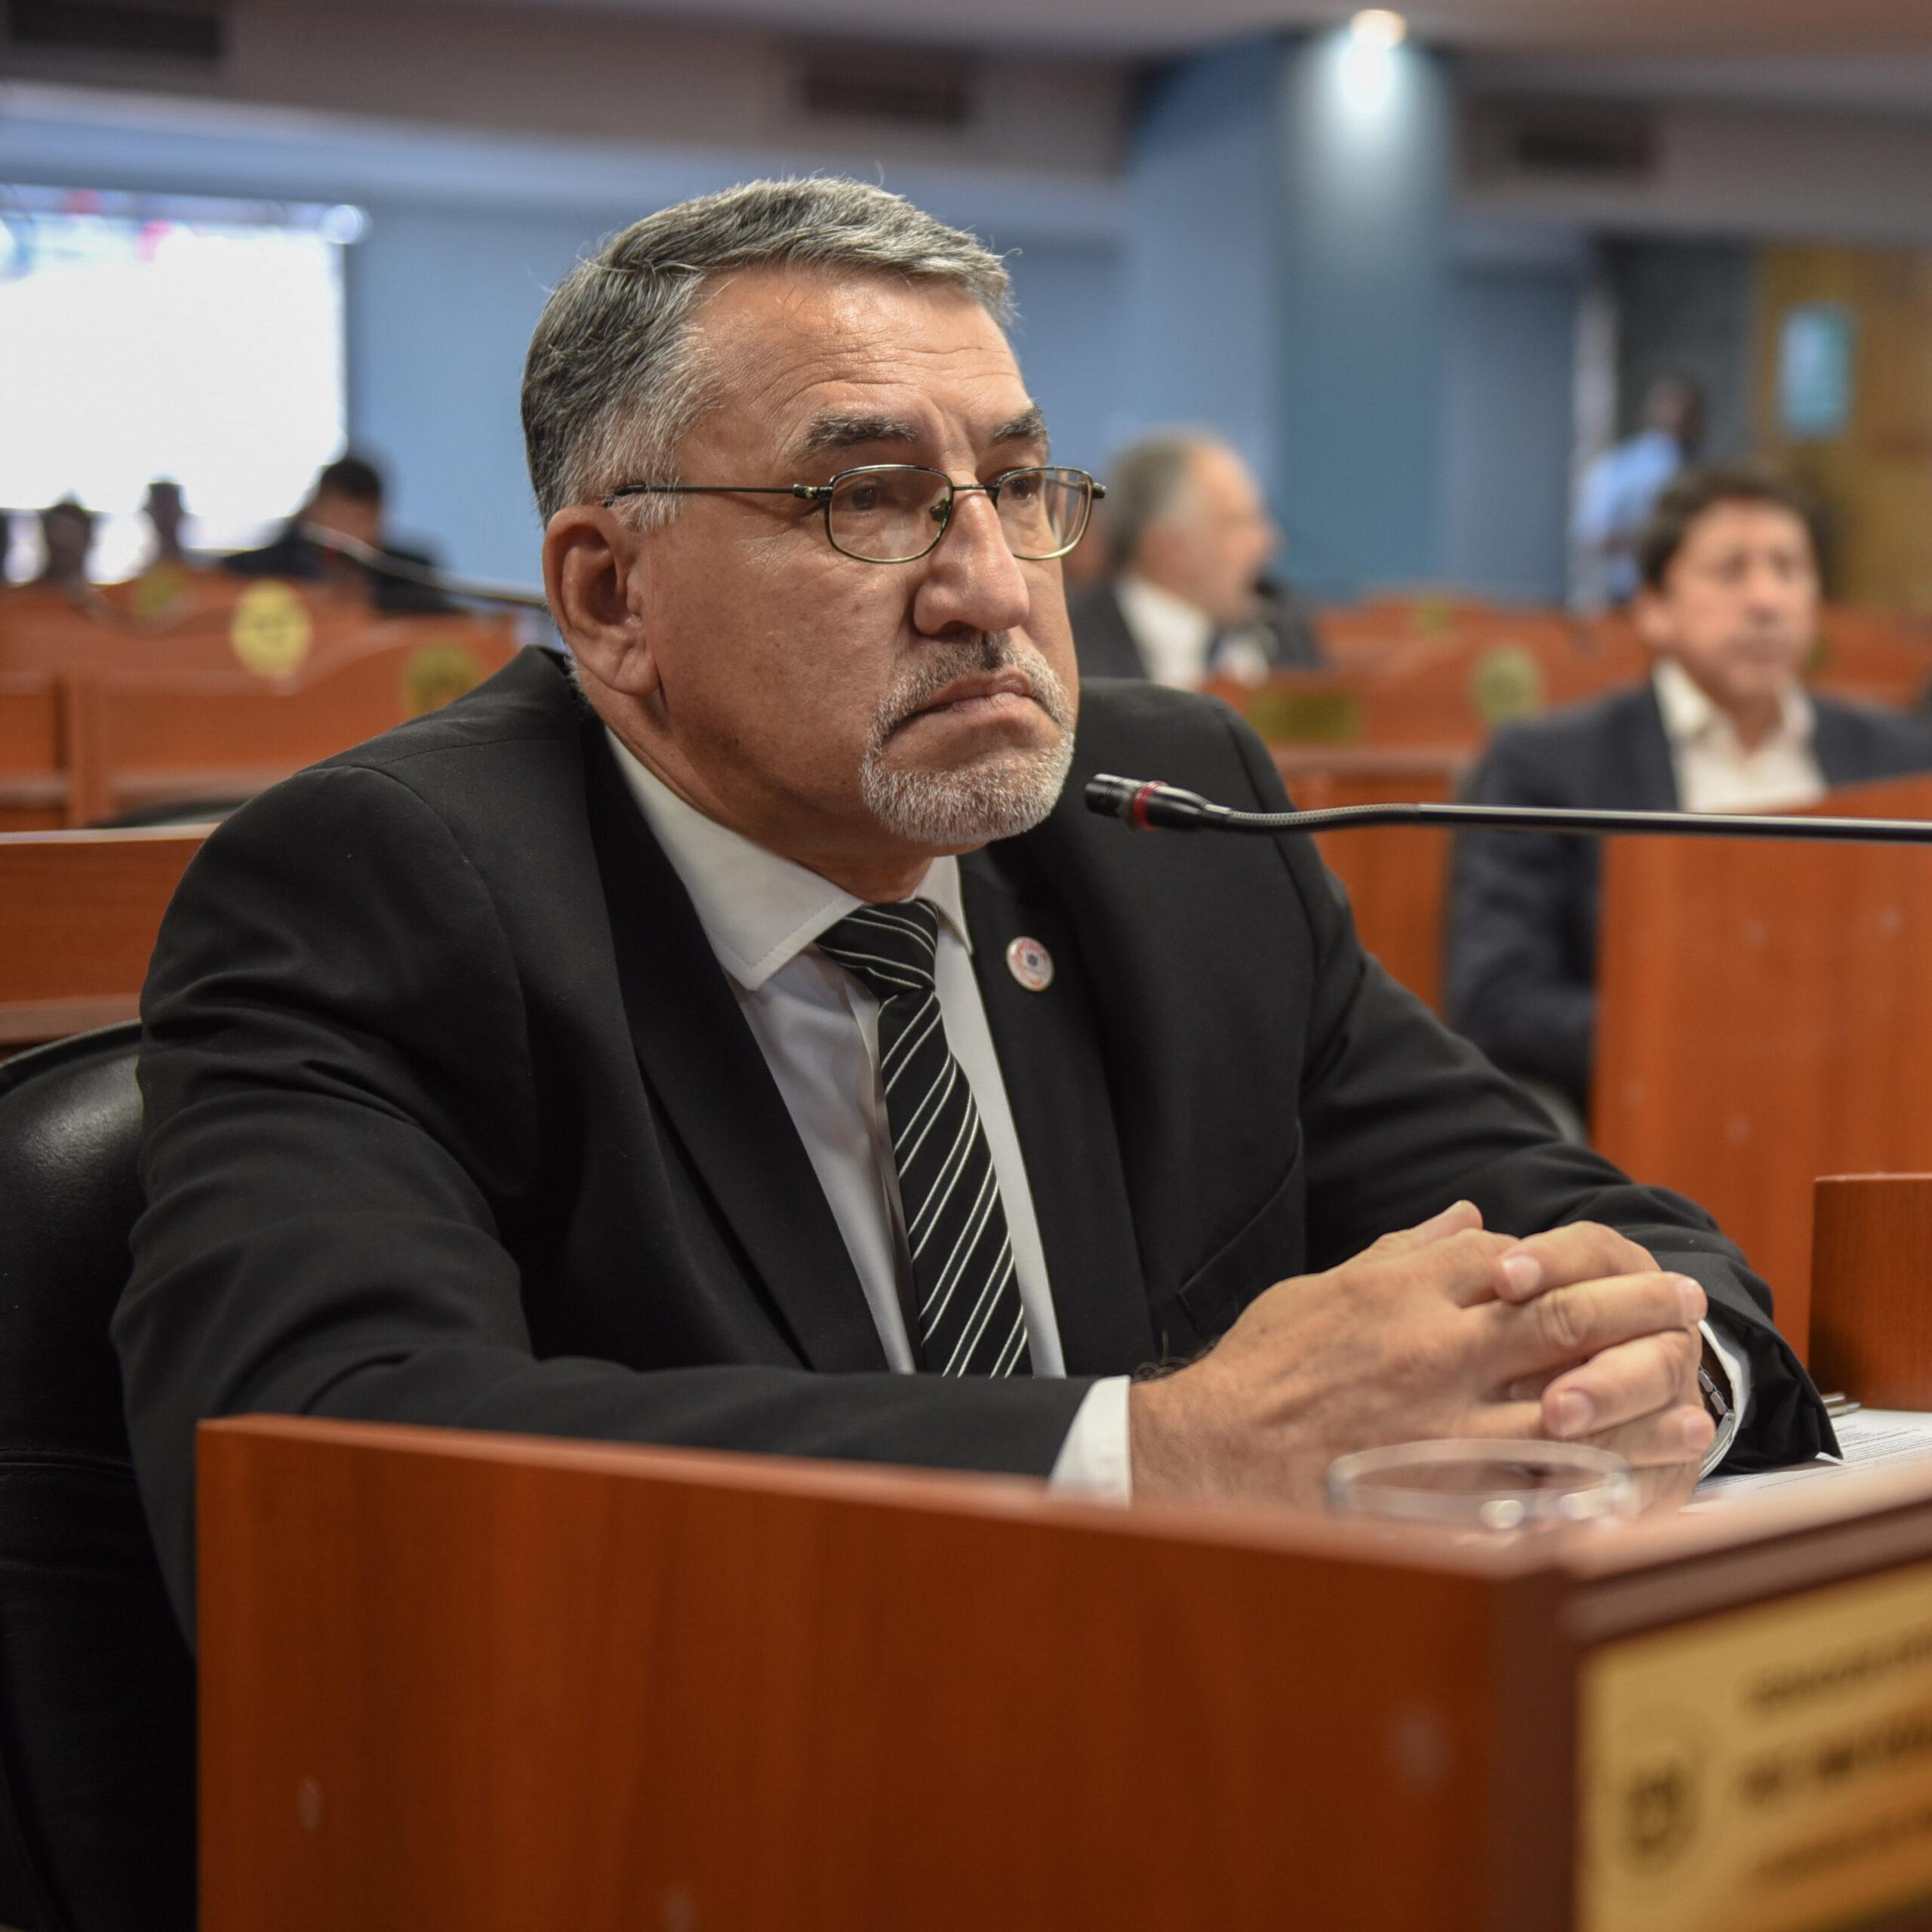 Prof. Rodolfo Noriega